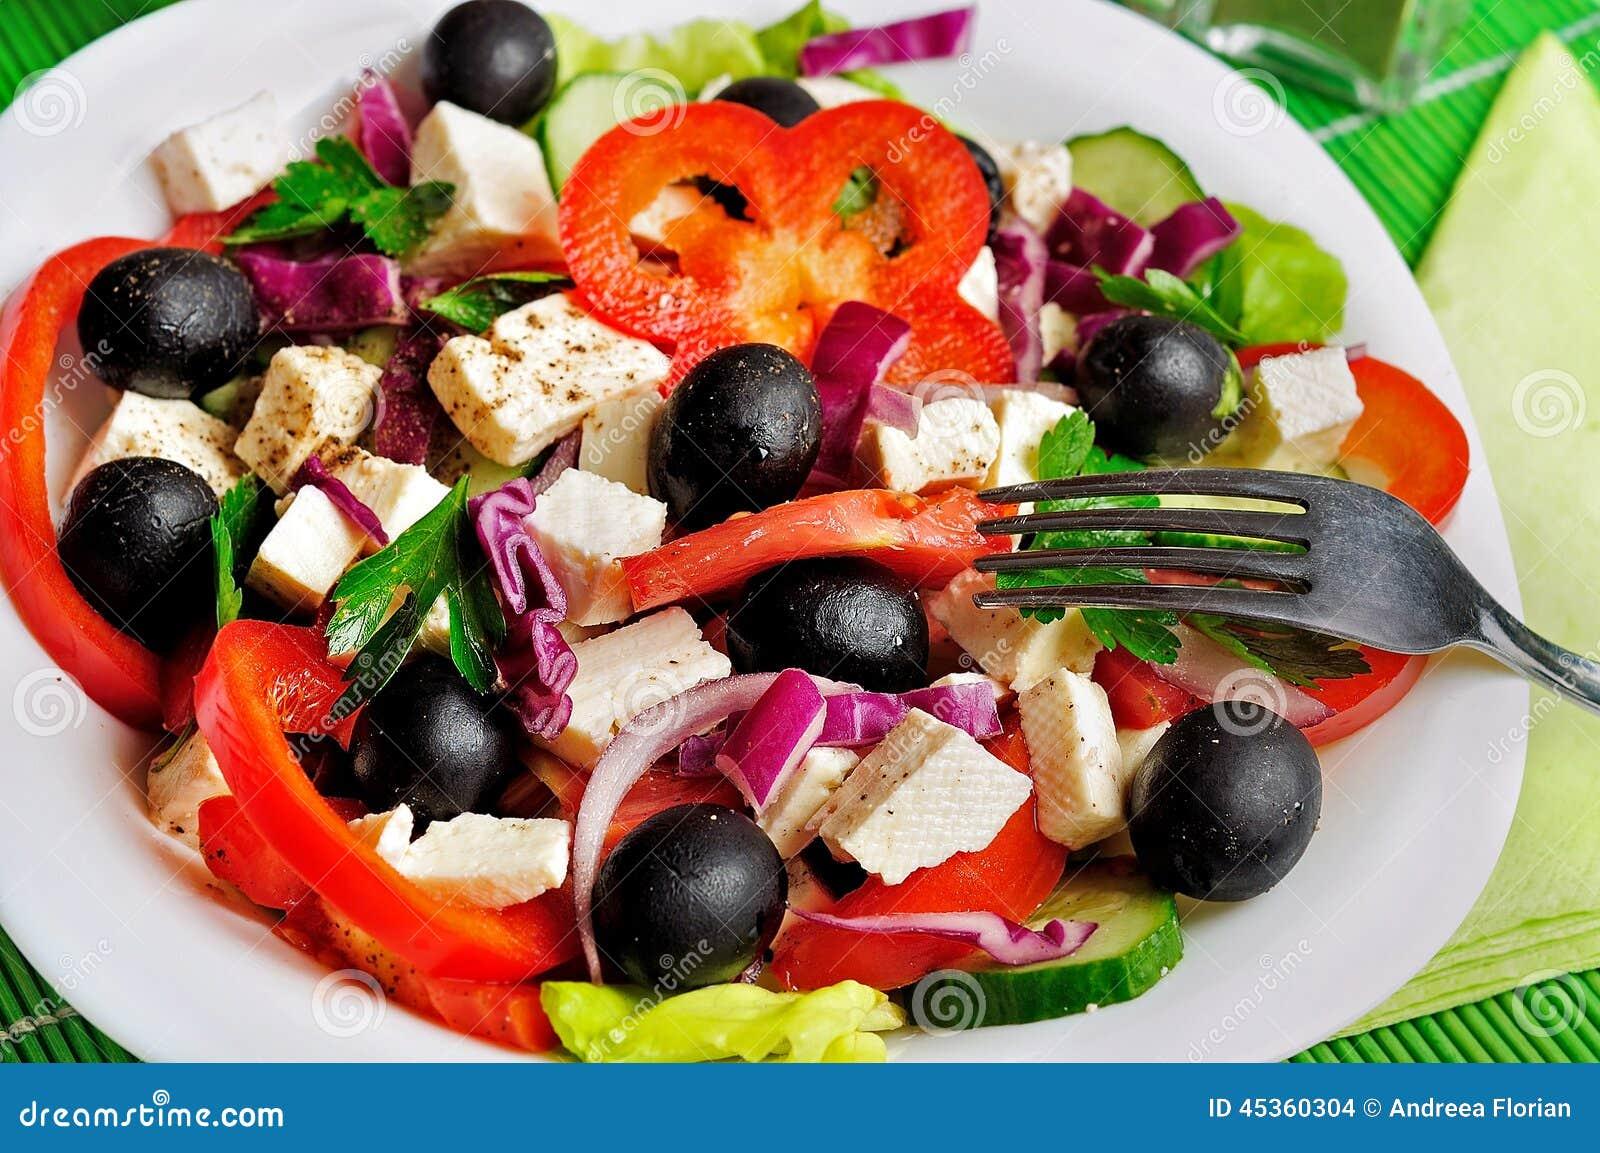 Plat avec de la salade végétale